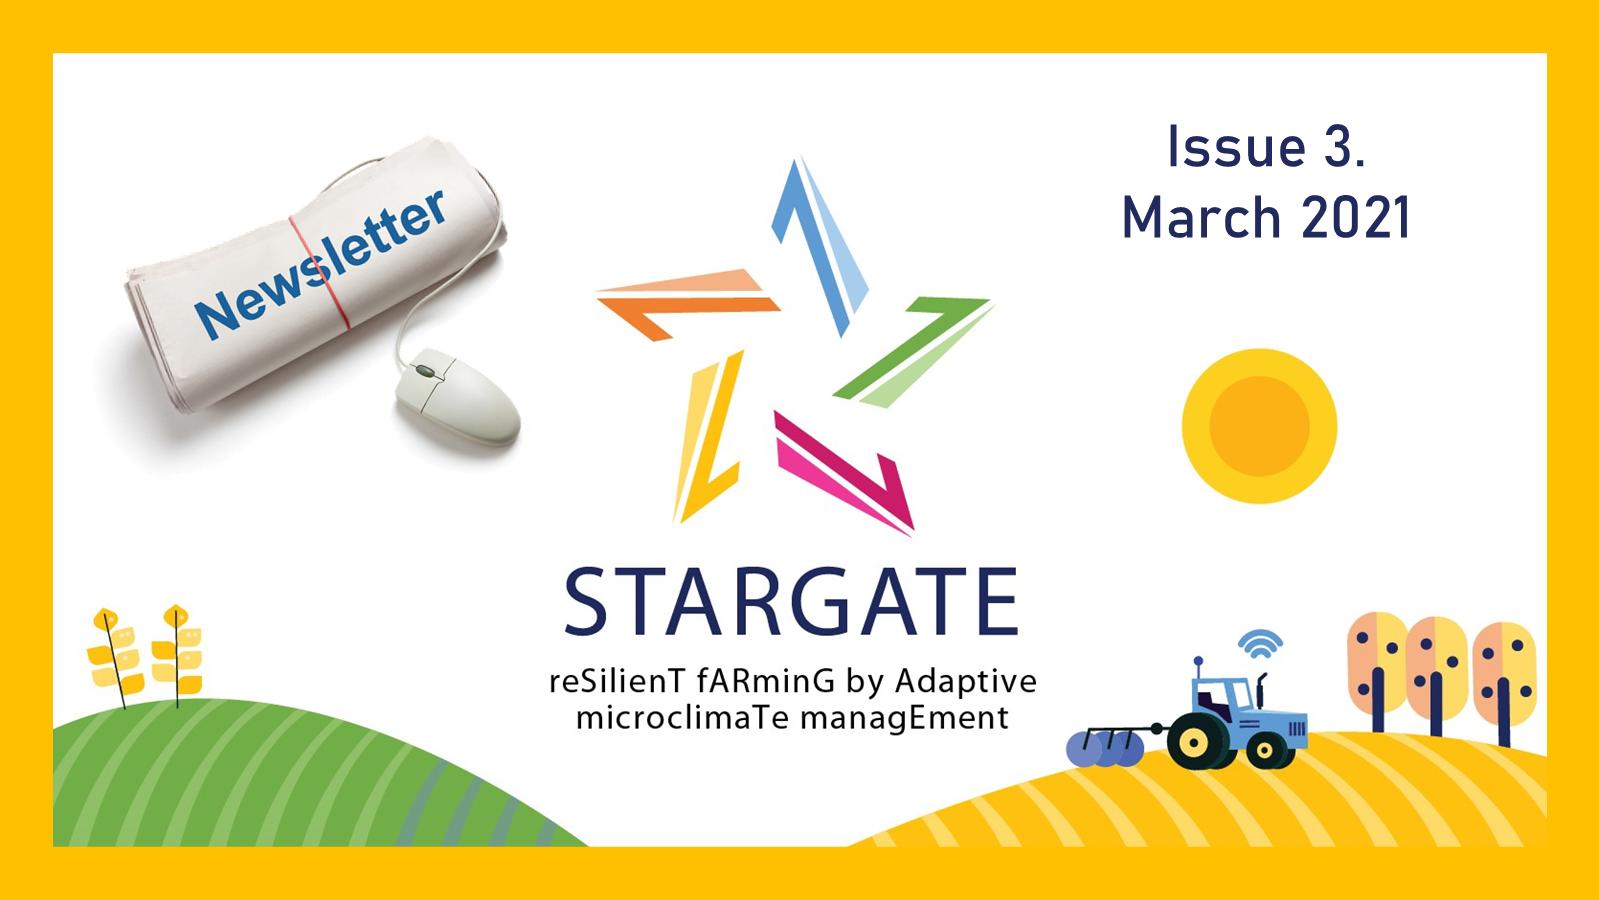 STARGATE newsletter #3